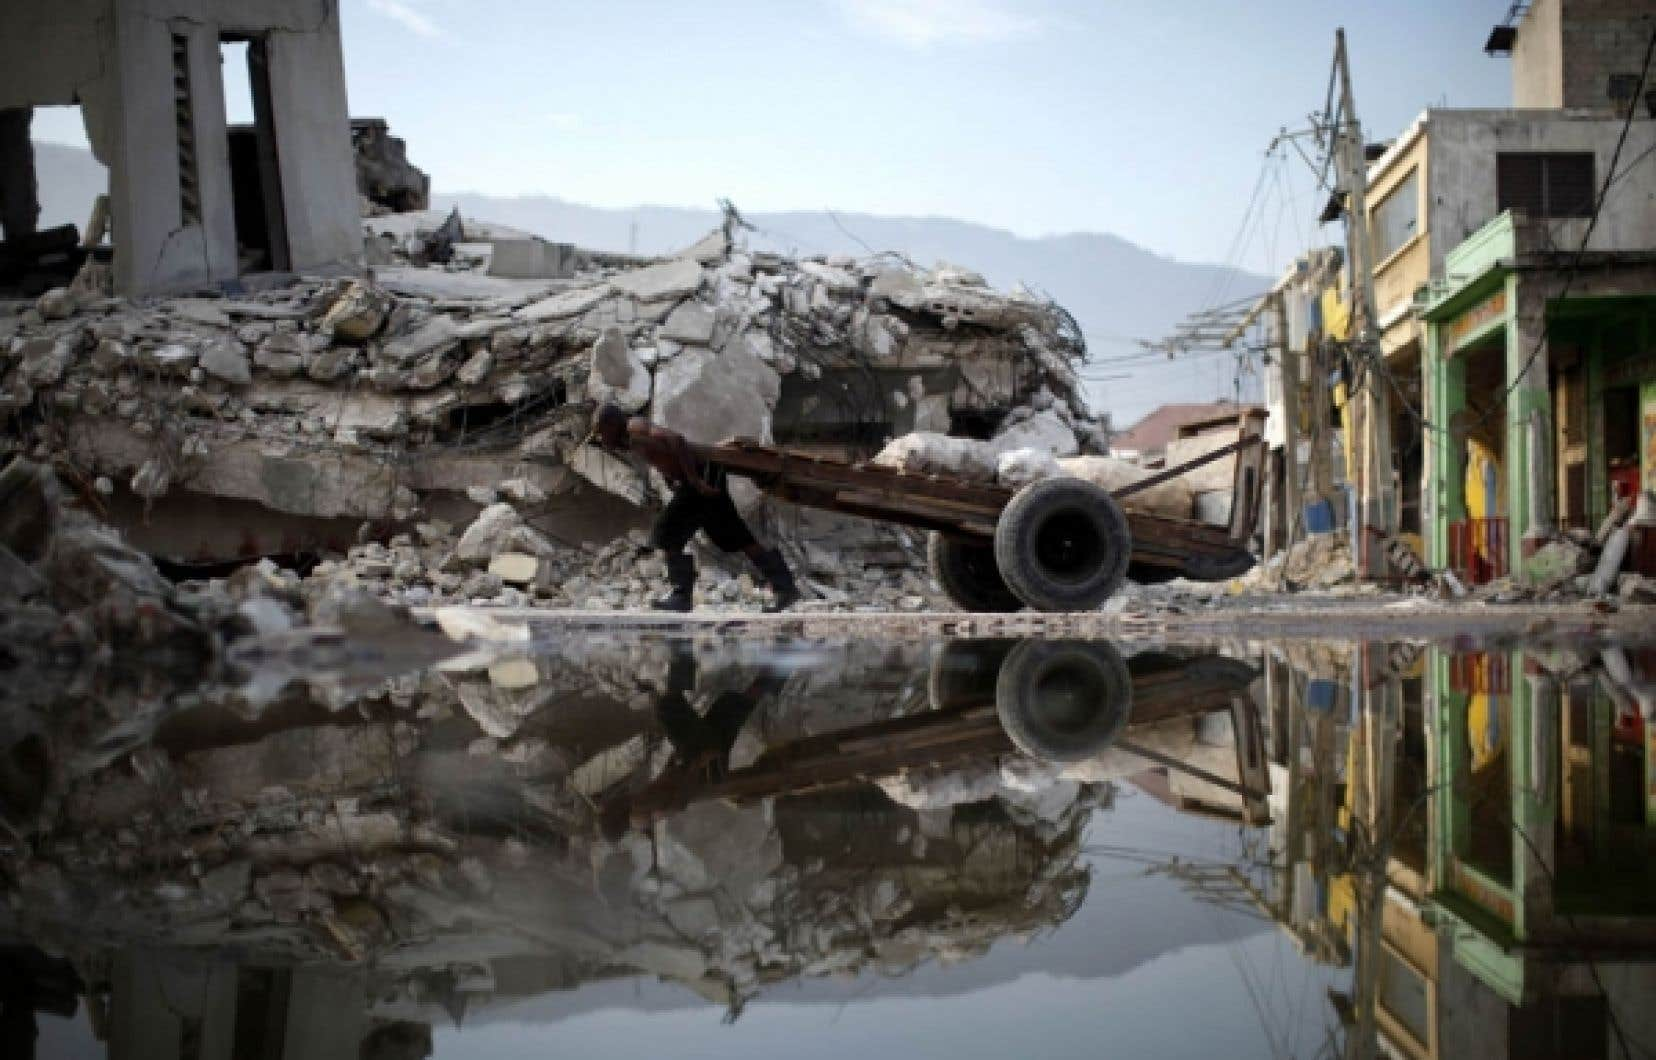 Un Port-au-Princien traîne du mieux qu'il peut son chariot entre les débris qui jonchent les rues de la capitale. Des bâtiments abîmés par le séisme du 12 janvier se sont davantage écroulés à la suite de répliques qui ont secoué de nouveau la Perle des Antilles hier. Des poteaux téléphoniques se sont cassés en deux. La première secousse de la journée, et la plus forte, a atteint une magnitude de 4,7 sur l'échelle de Richter. En un mois, Haïti a connu 56 répliques d'une magnitude de 4 ou plus.